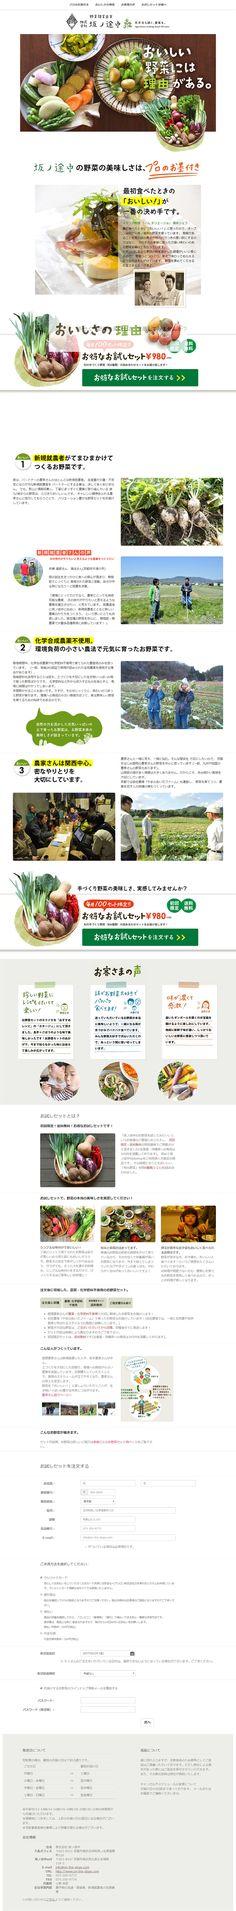 お得なお試しセット【食品関連】のLPデザイン。WEBデザイナーさん必見!ランディングページのデザイン参考に(シンプル系)